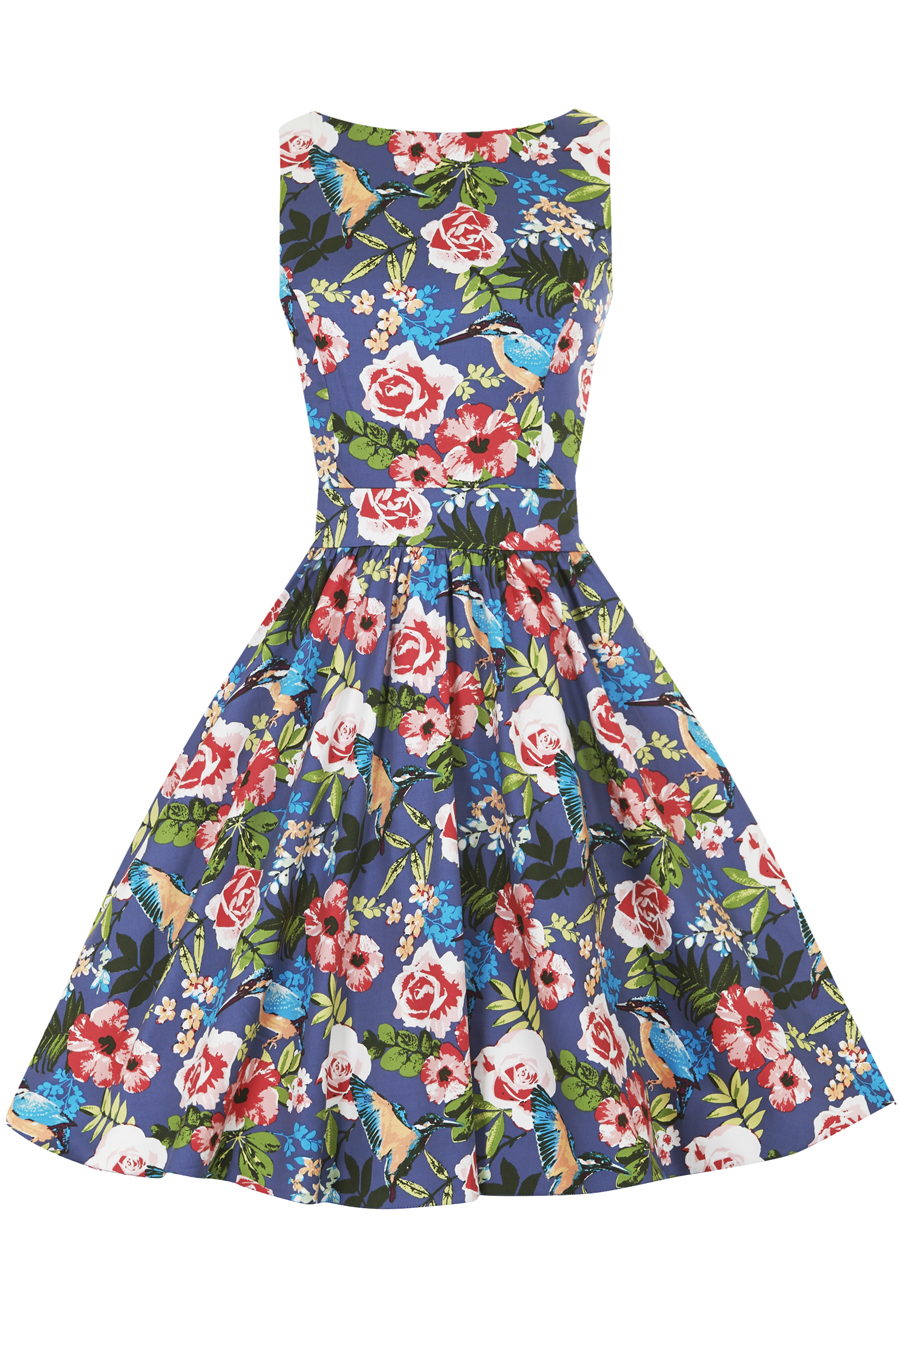 Barevné retro šaty s květy a kolibříky Lady V London Tea Lady V ... b4724ca690